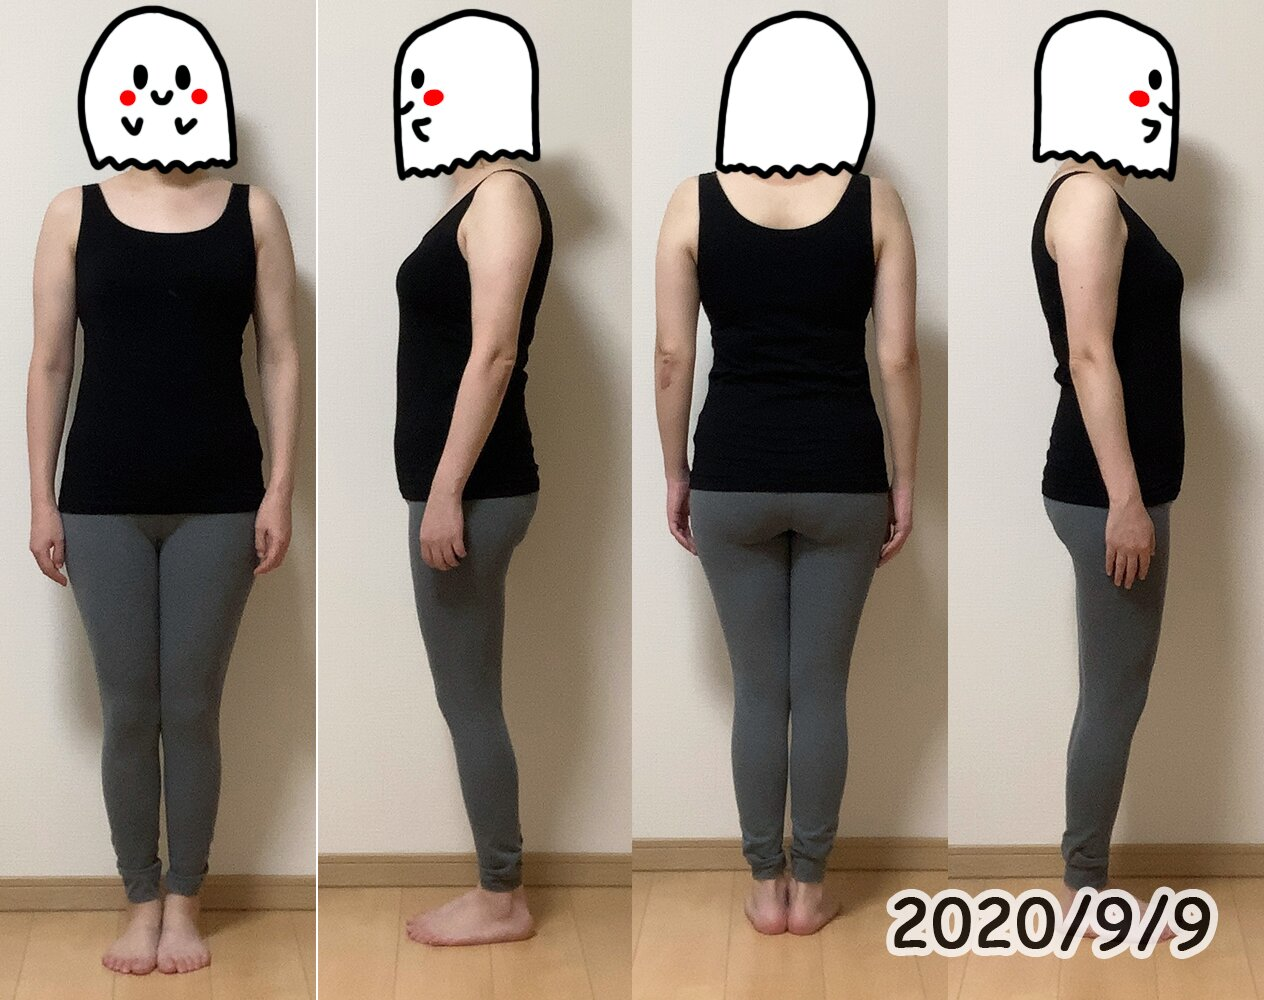 リングフィットアドベンチャー,アドベンチャーモードをクリアしたときの体型写真